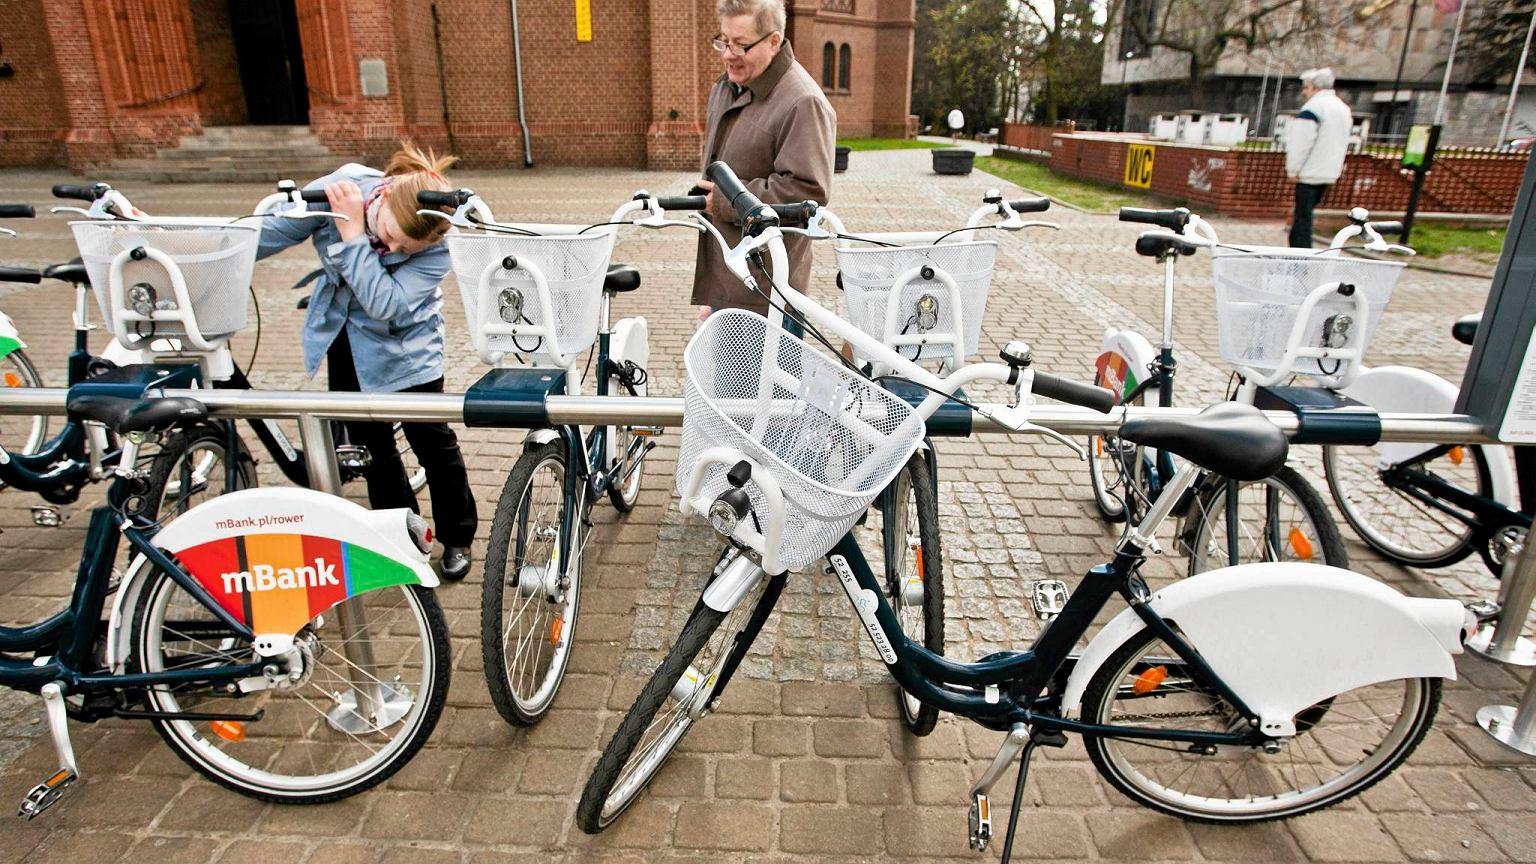 Rower przyszloscia miast i aglomeracji?- smart metropolia, debata ...